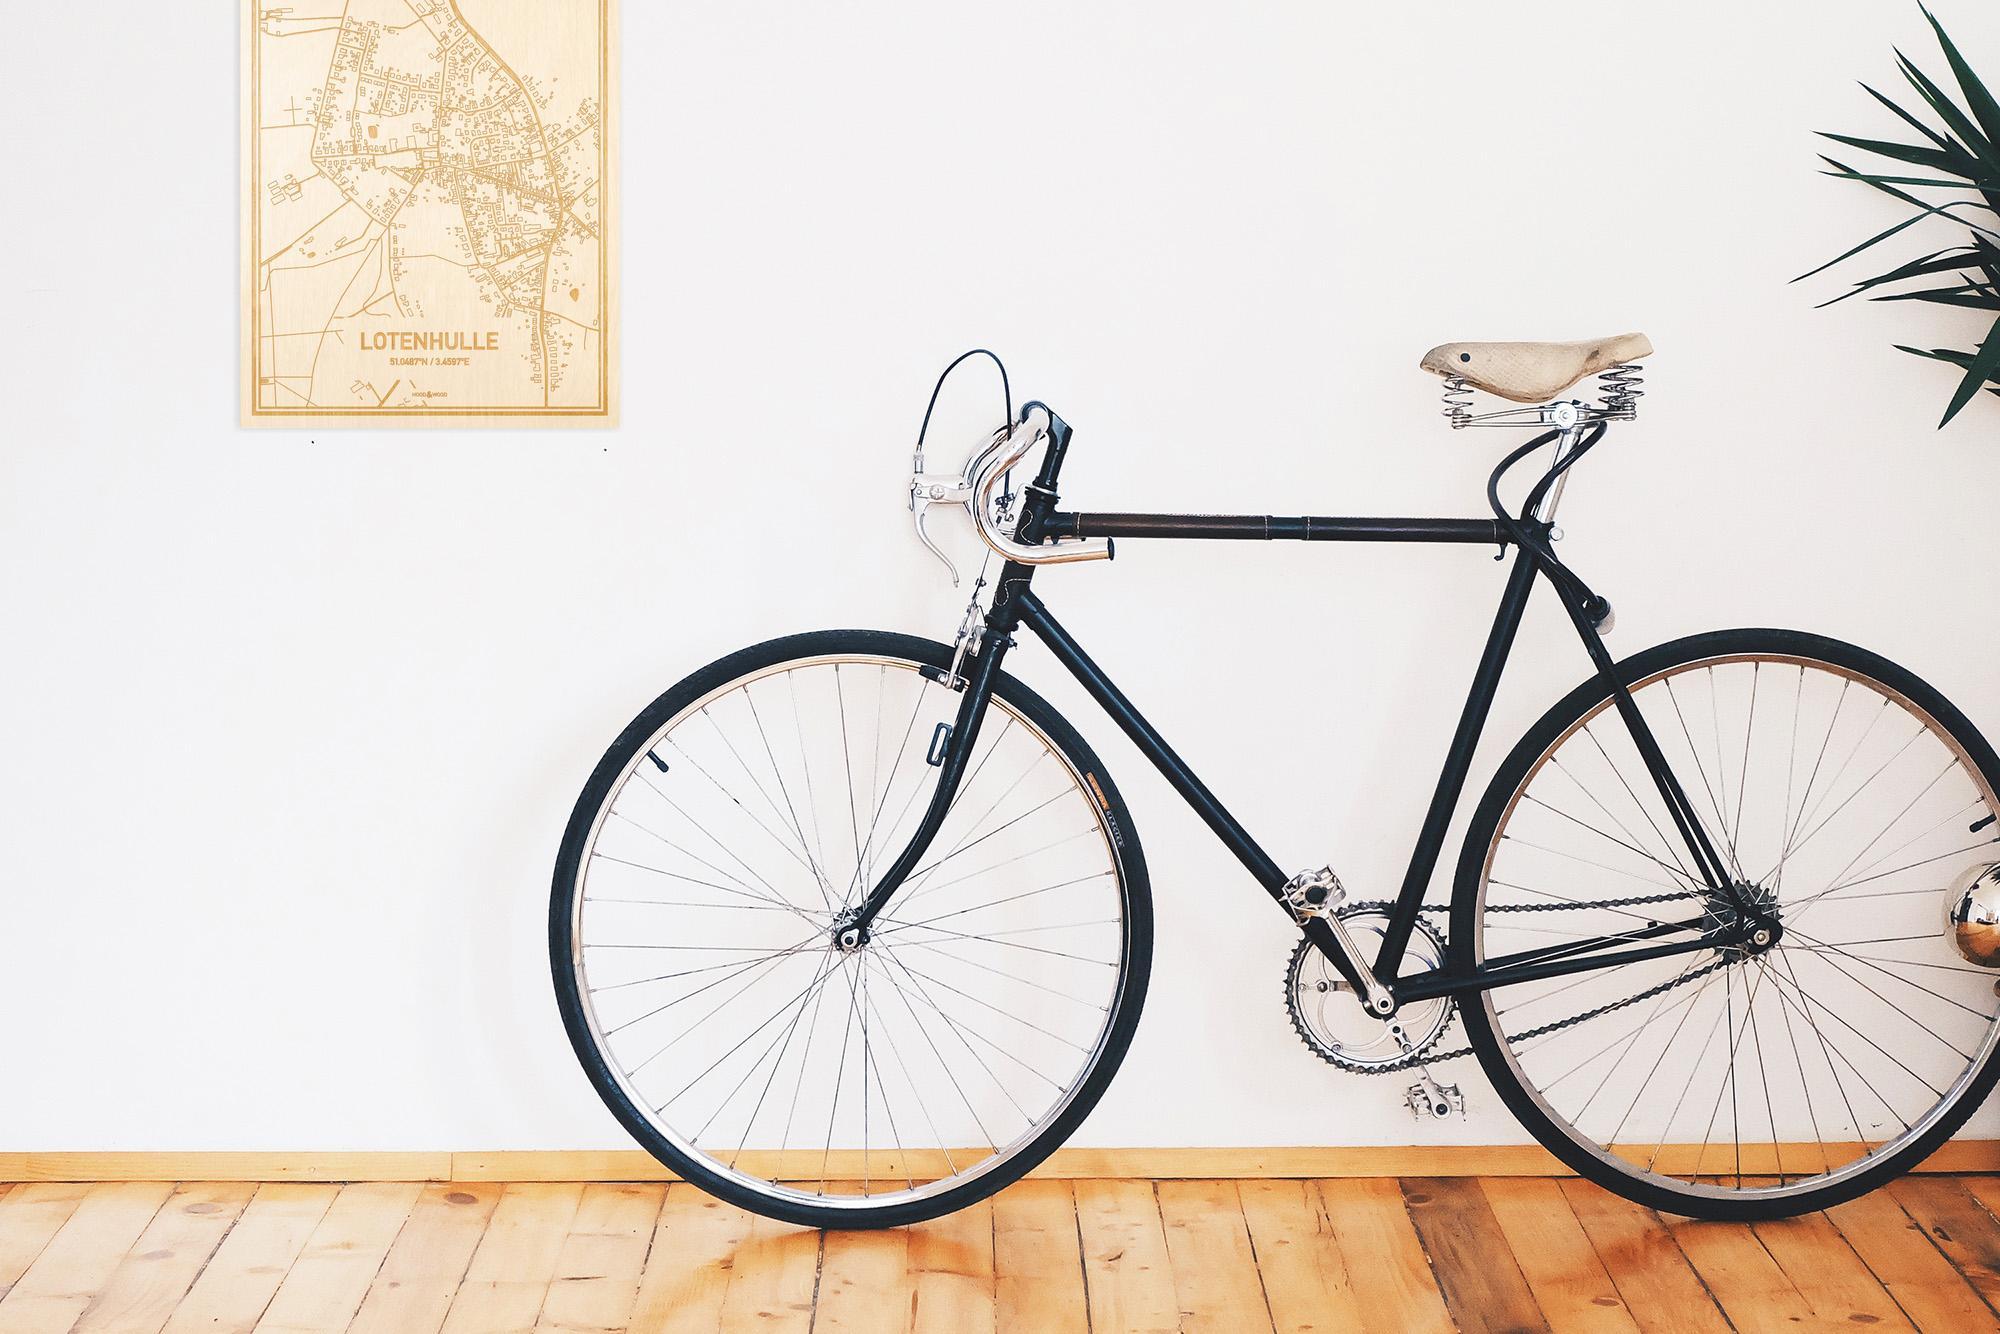 Een snelle fiets in een uniek interieur in Oost-Vlaanderen  met mooie decoratie zoals de plattegrond Lotenhulle.